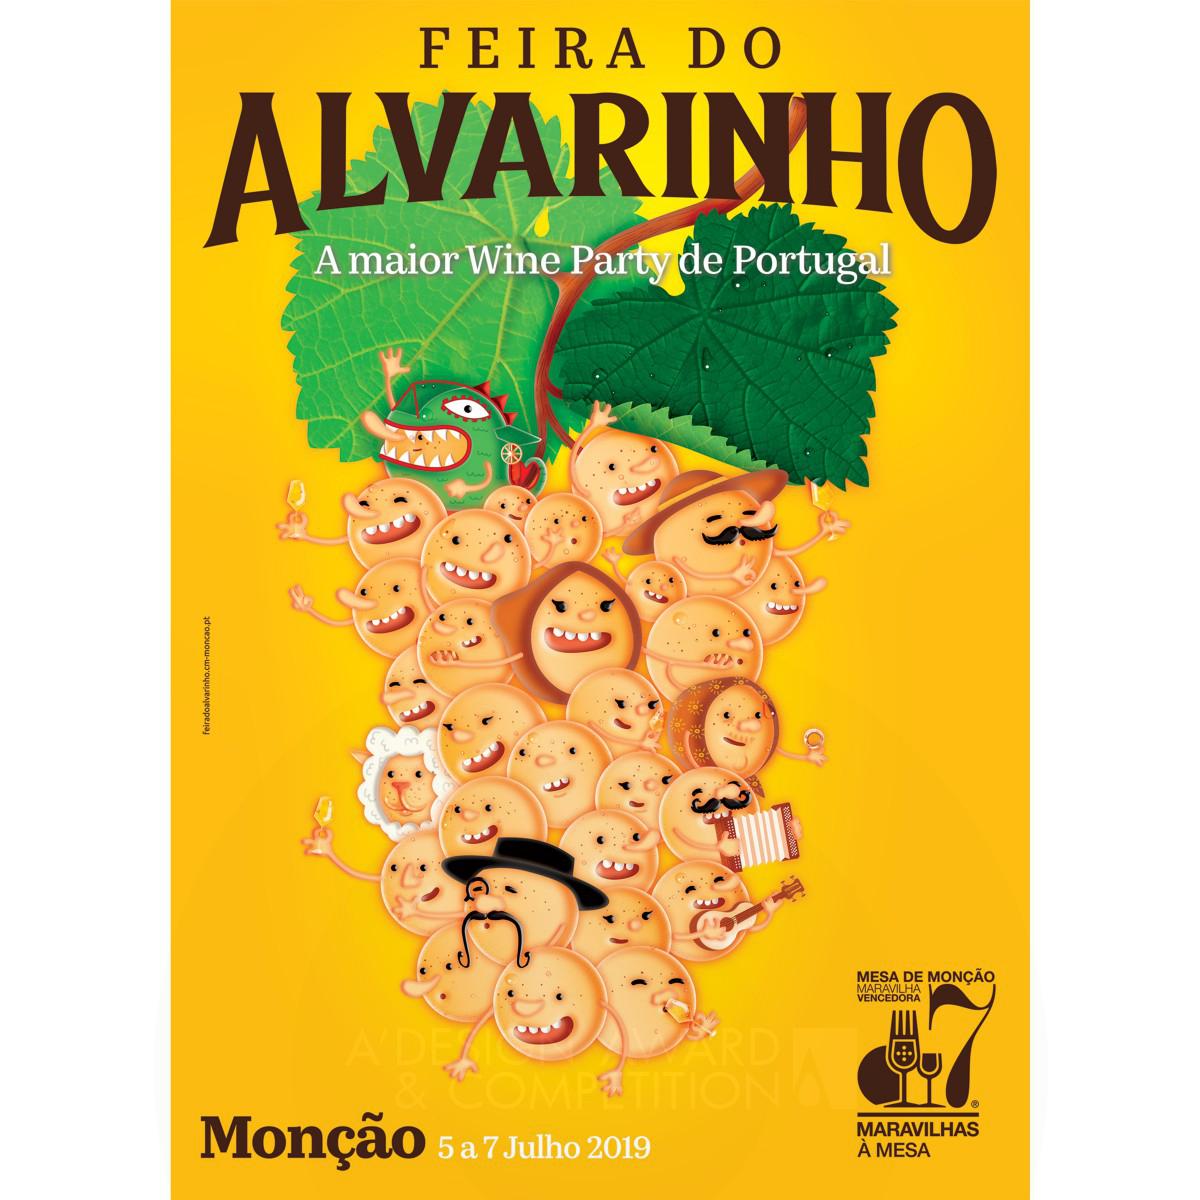 Feira do Alvarinho Advertising Campaign